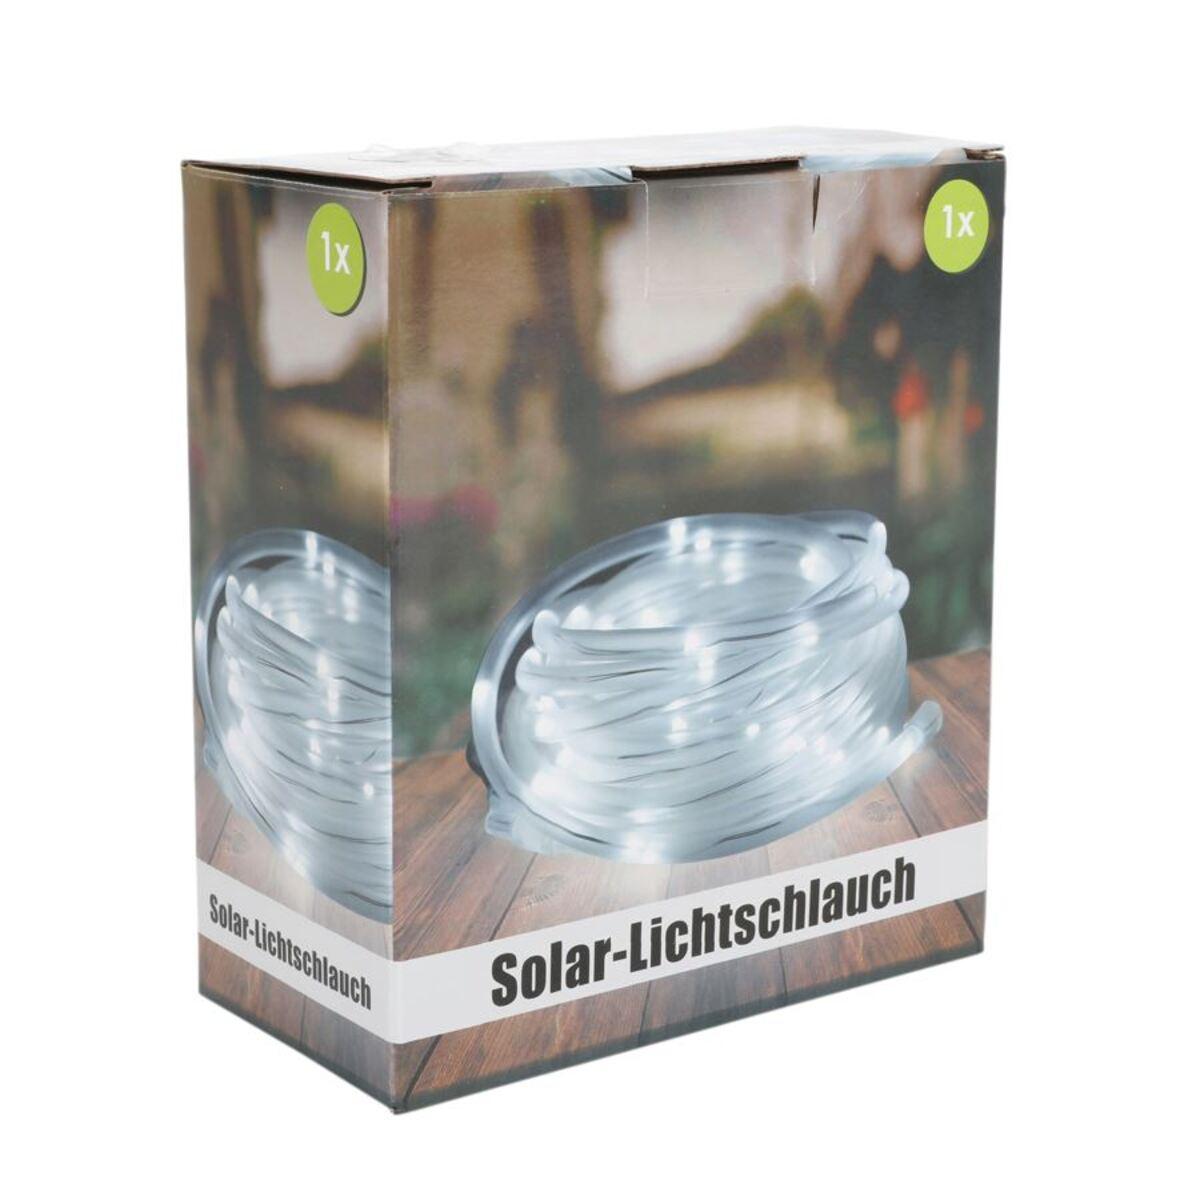 Bild 3 von Solarlichtschlauch